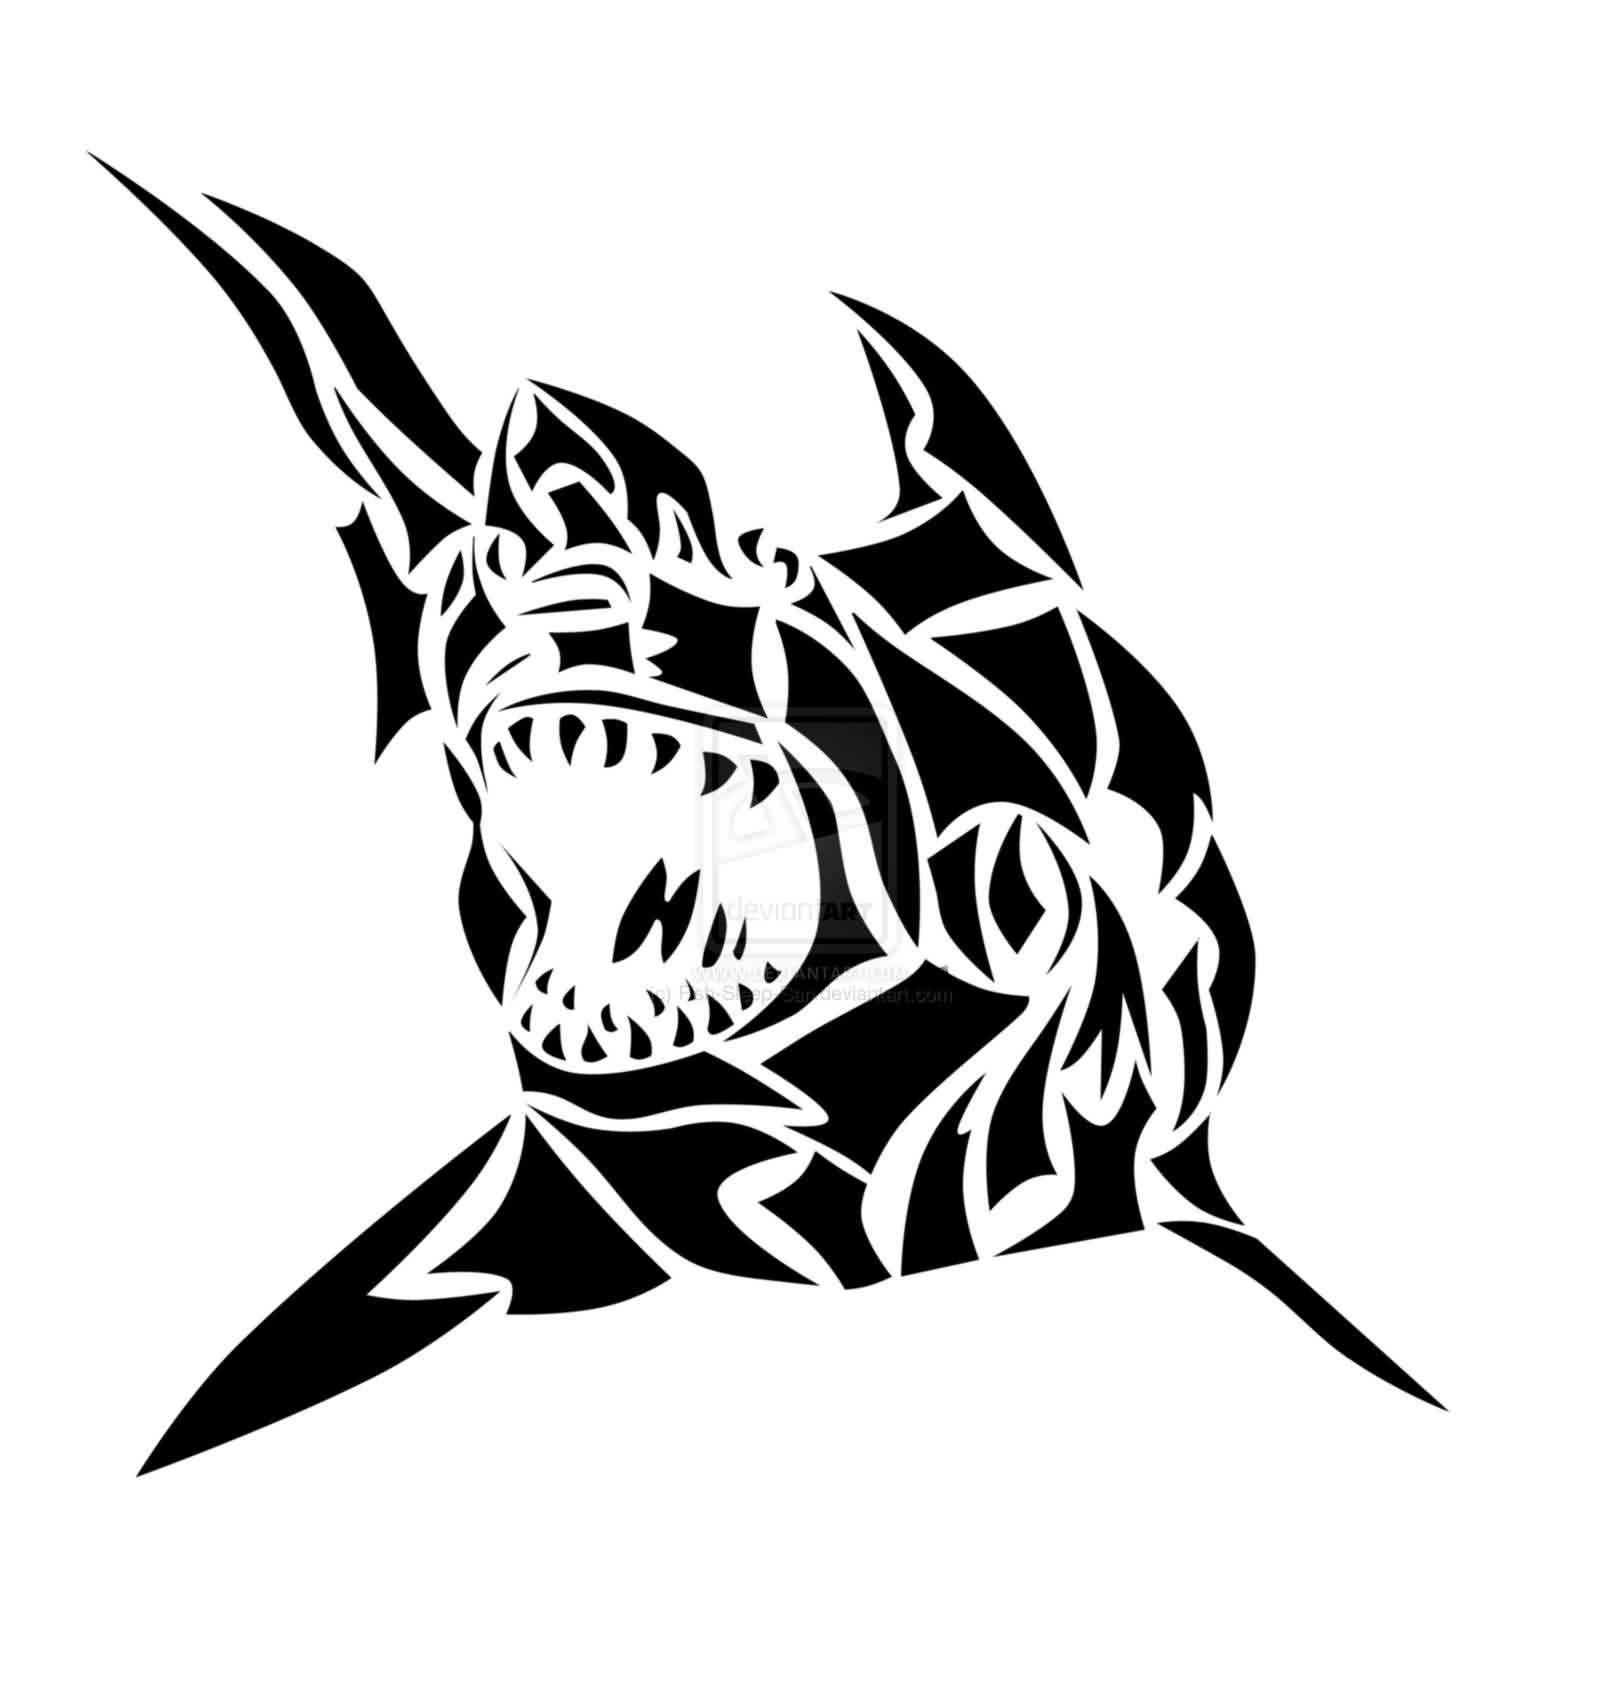 57 Popular Shark Tattoos And Designs